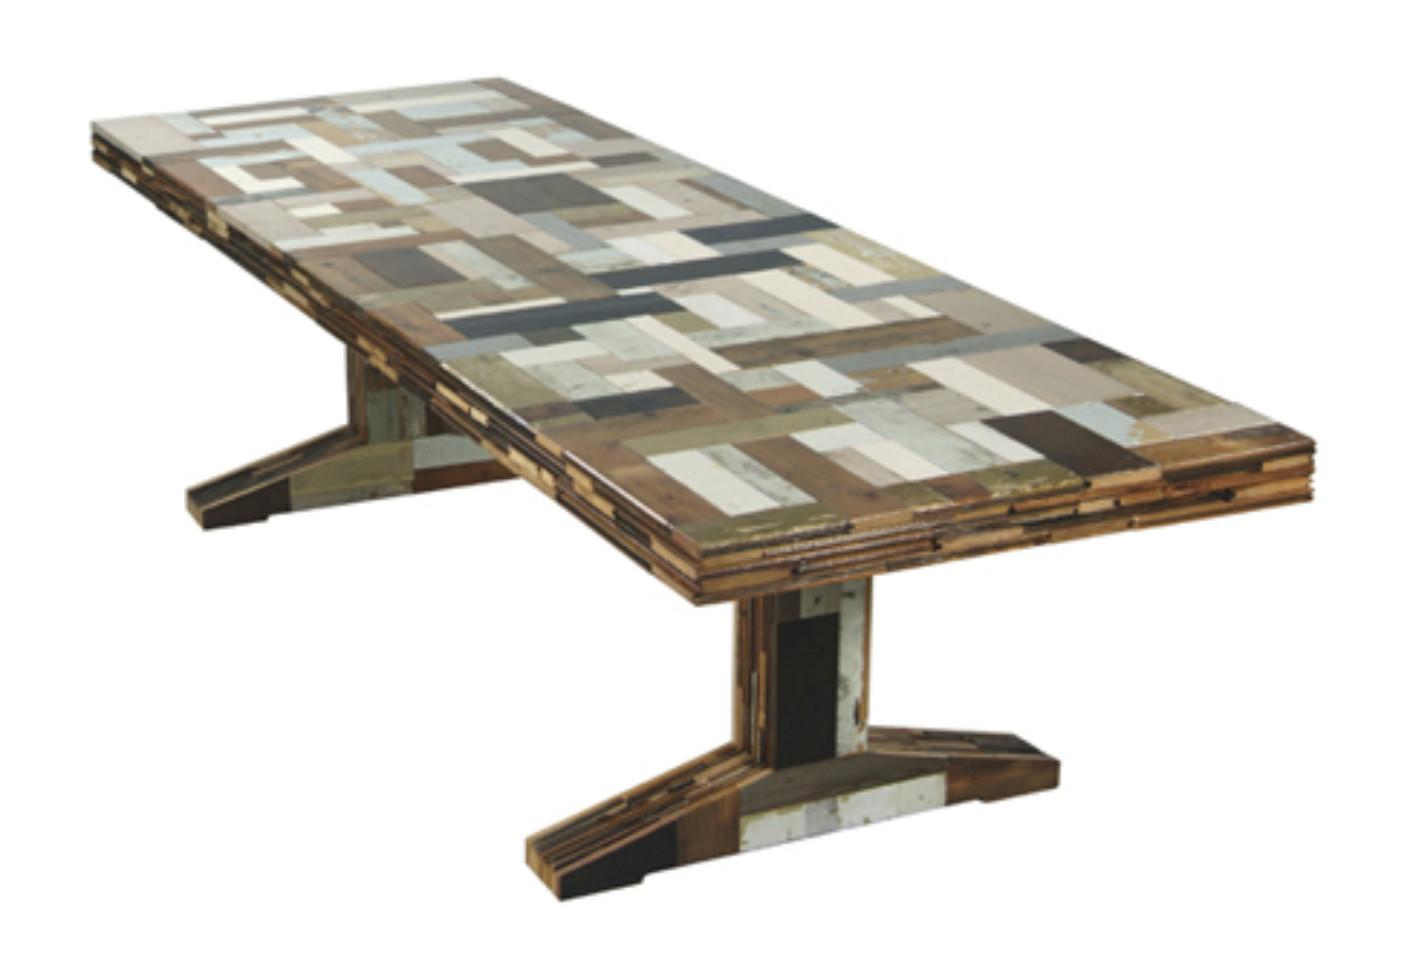 Waste Scrapwood Table By PIET HEIN EEK STYLEPARK